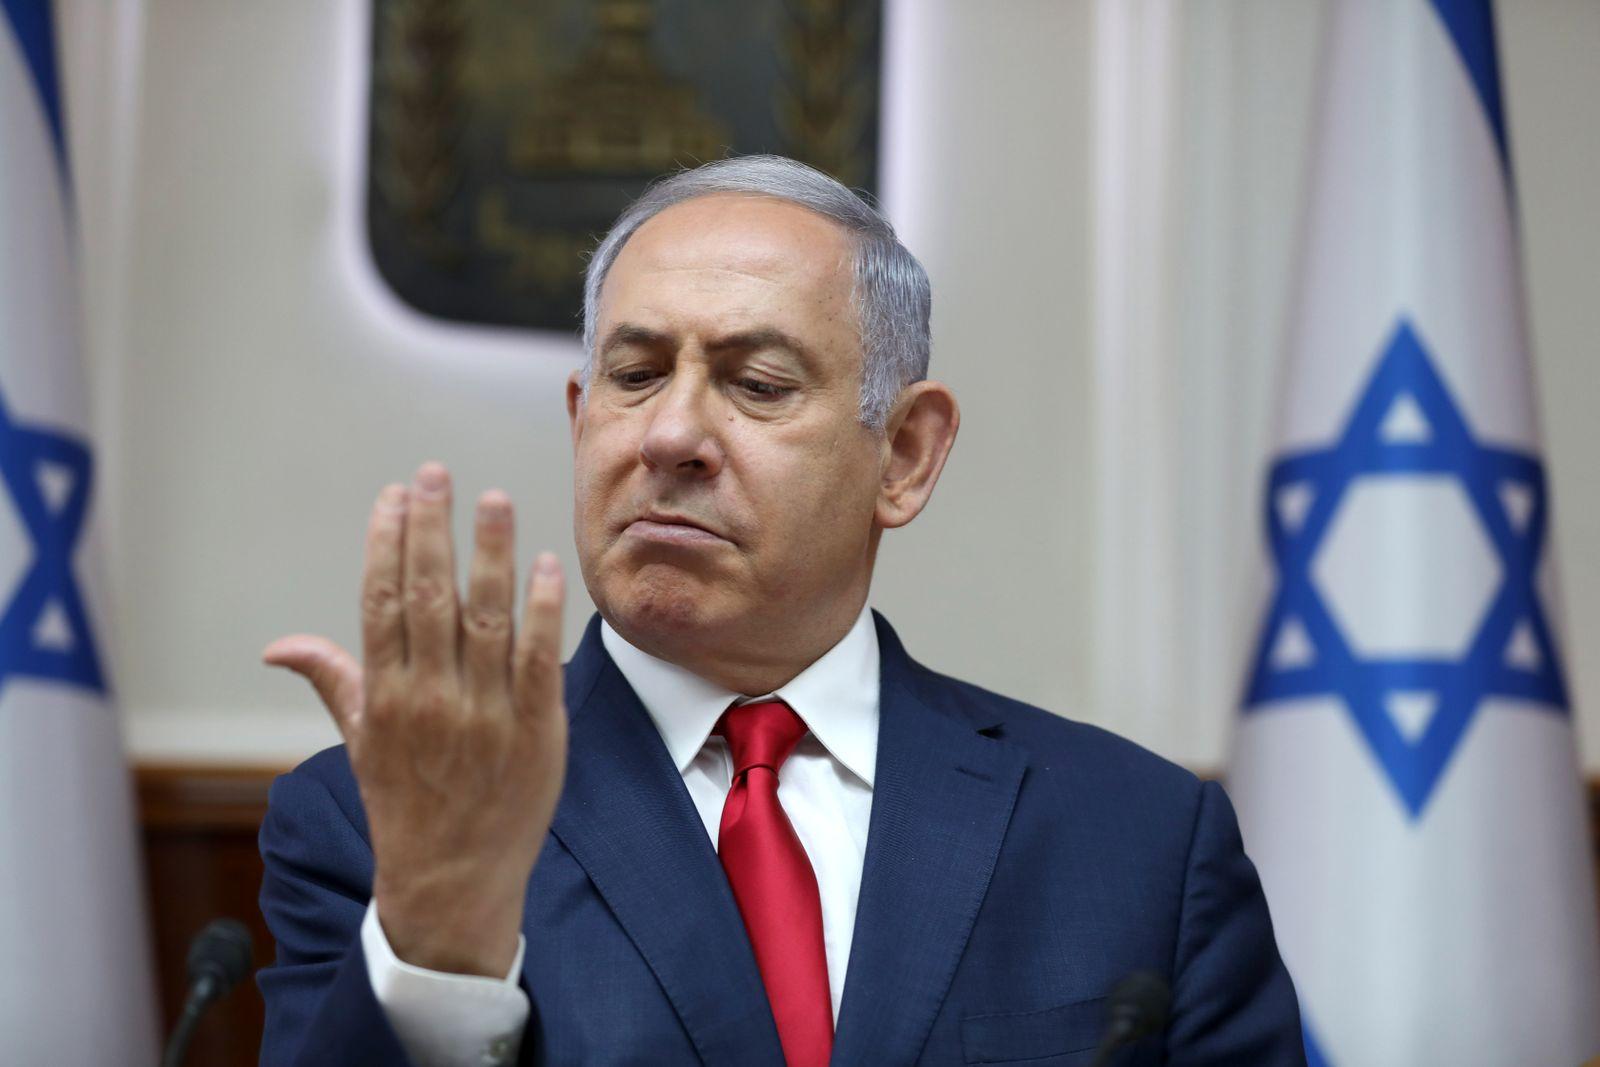 Netanjahu/ Knesset 2019/ Israel